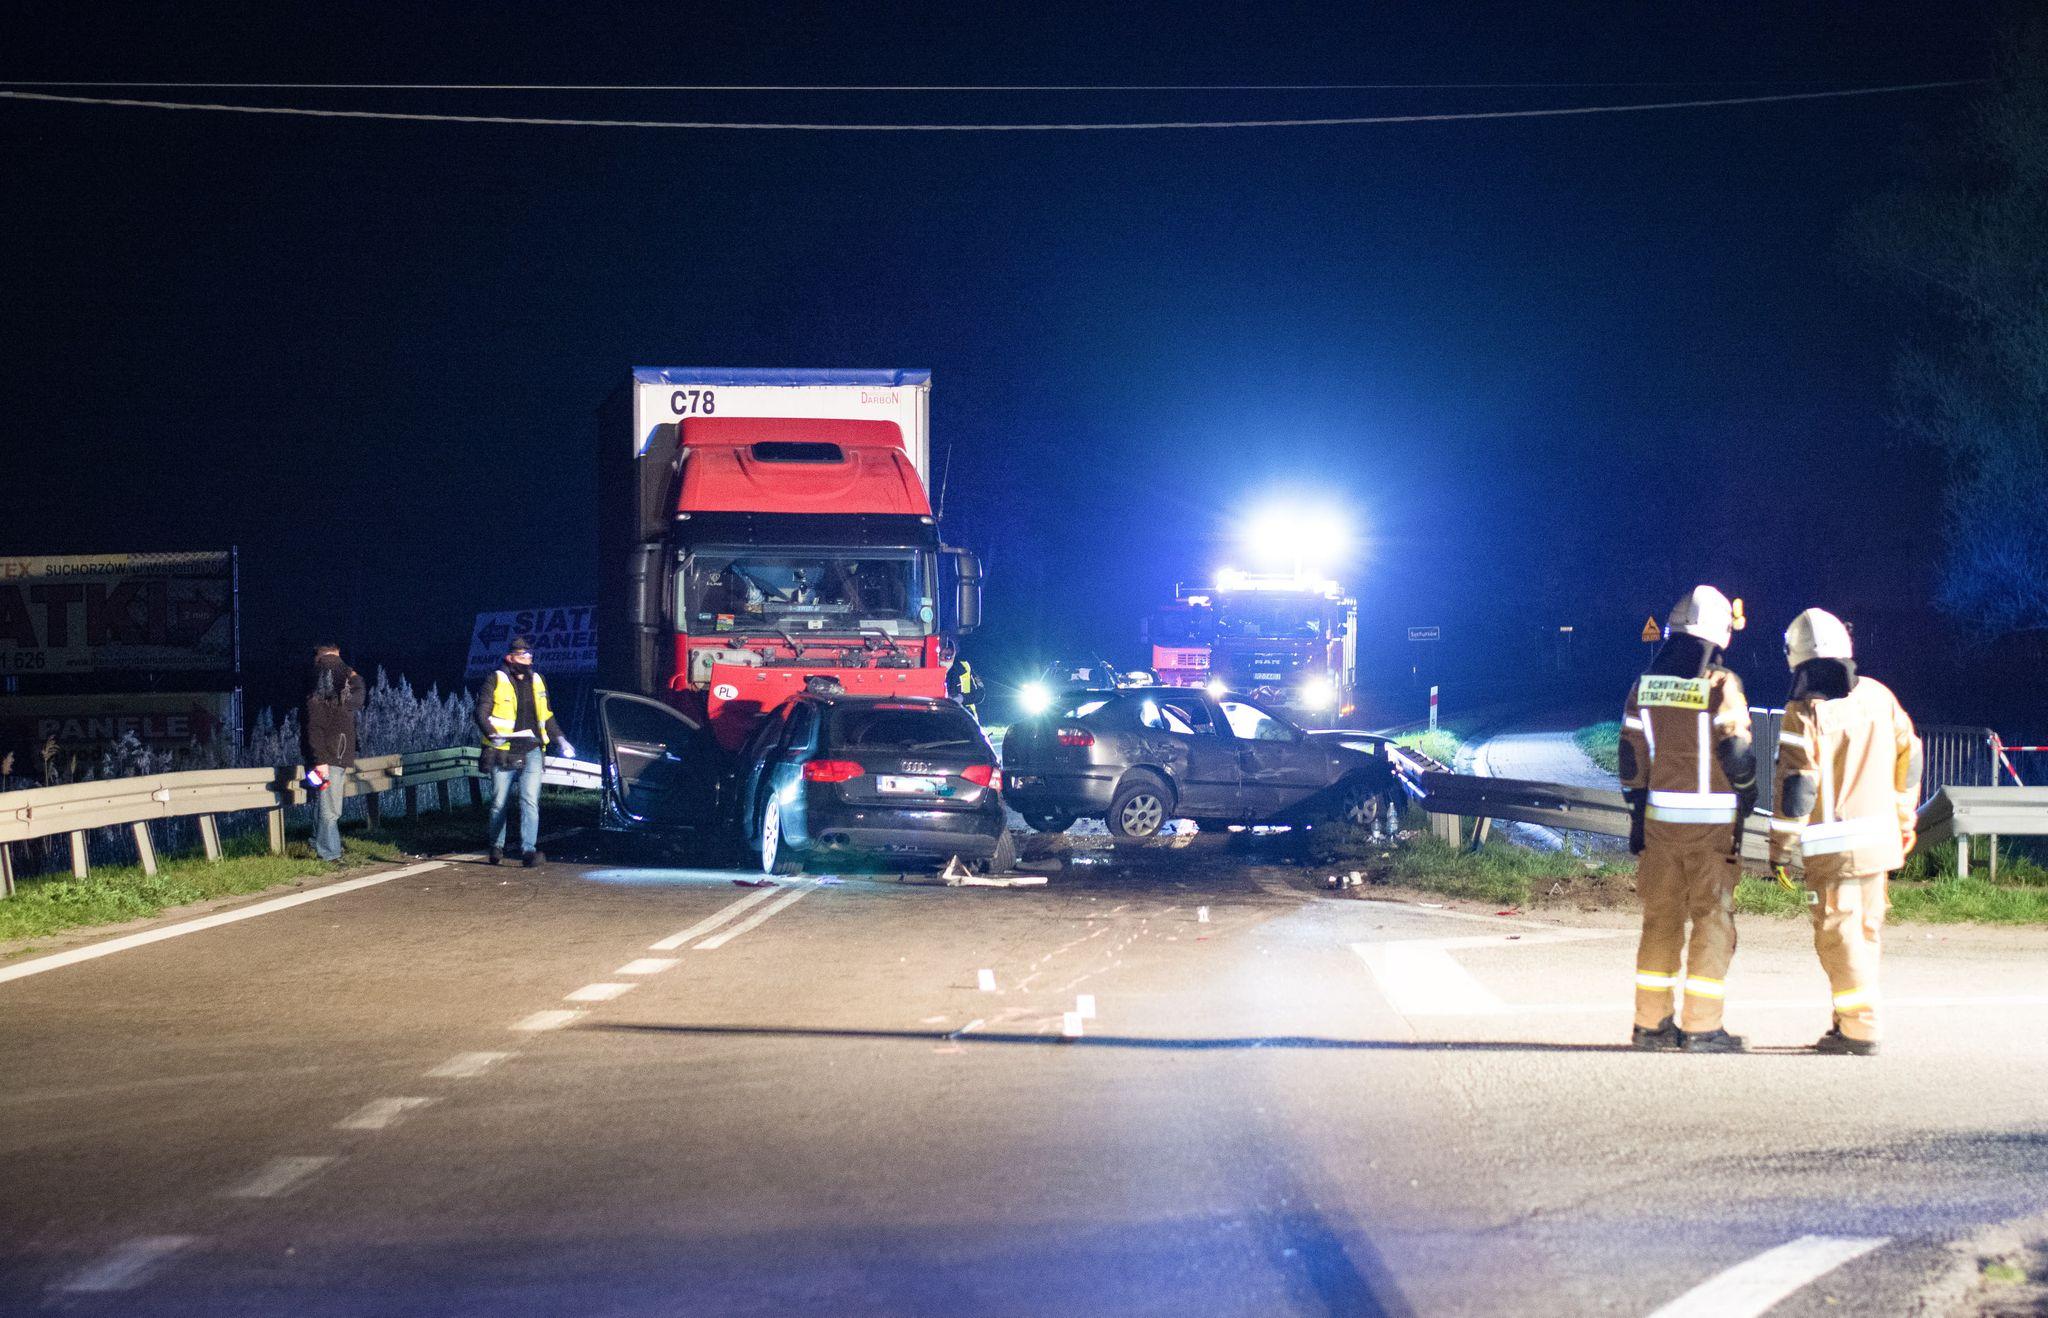 8 osób rannych w wypadku w Suchorzowie. Mamy nowe informacje! [ZDJĘCIA] - Zdjęcie główne